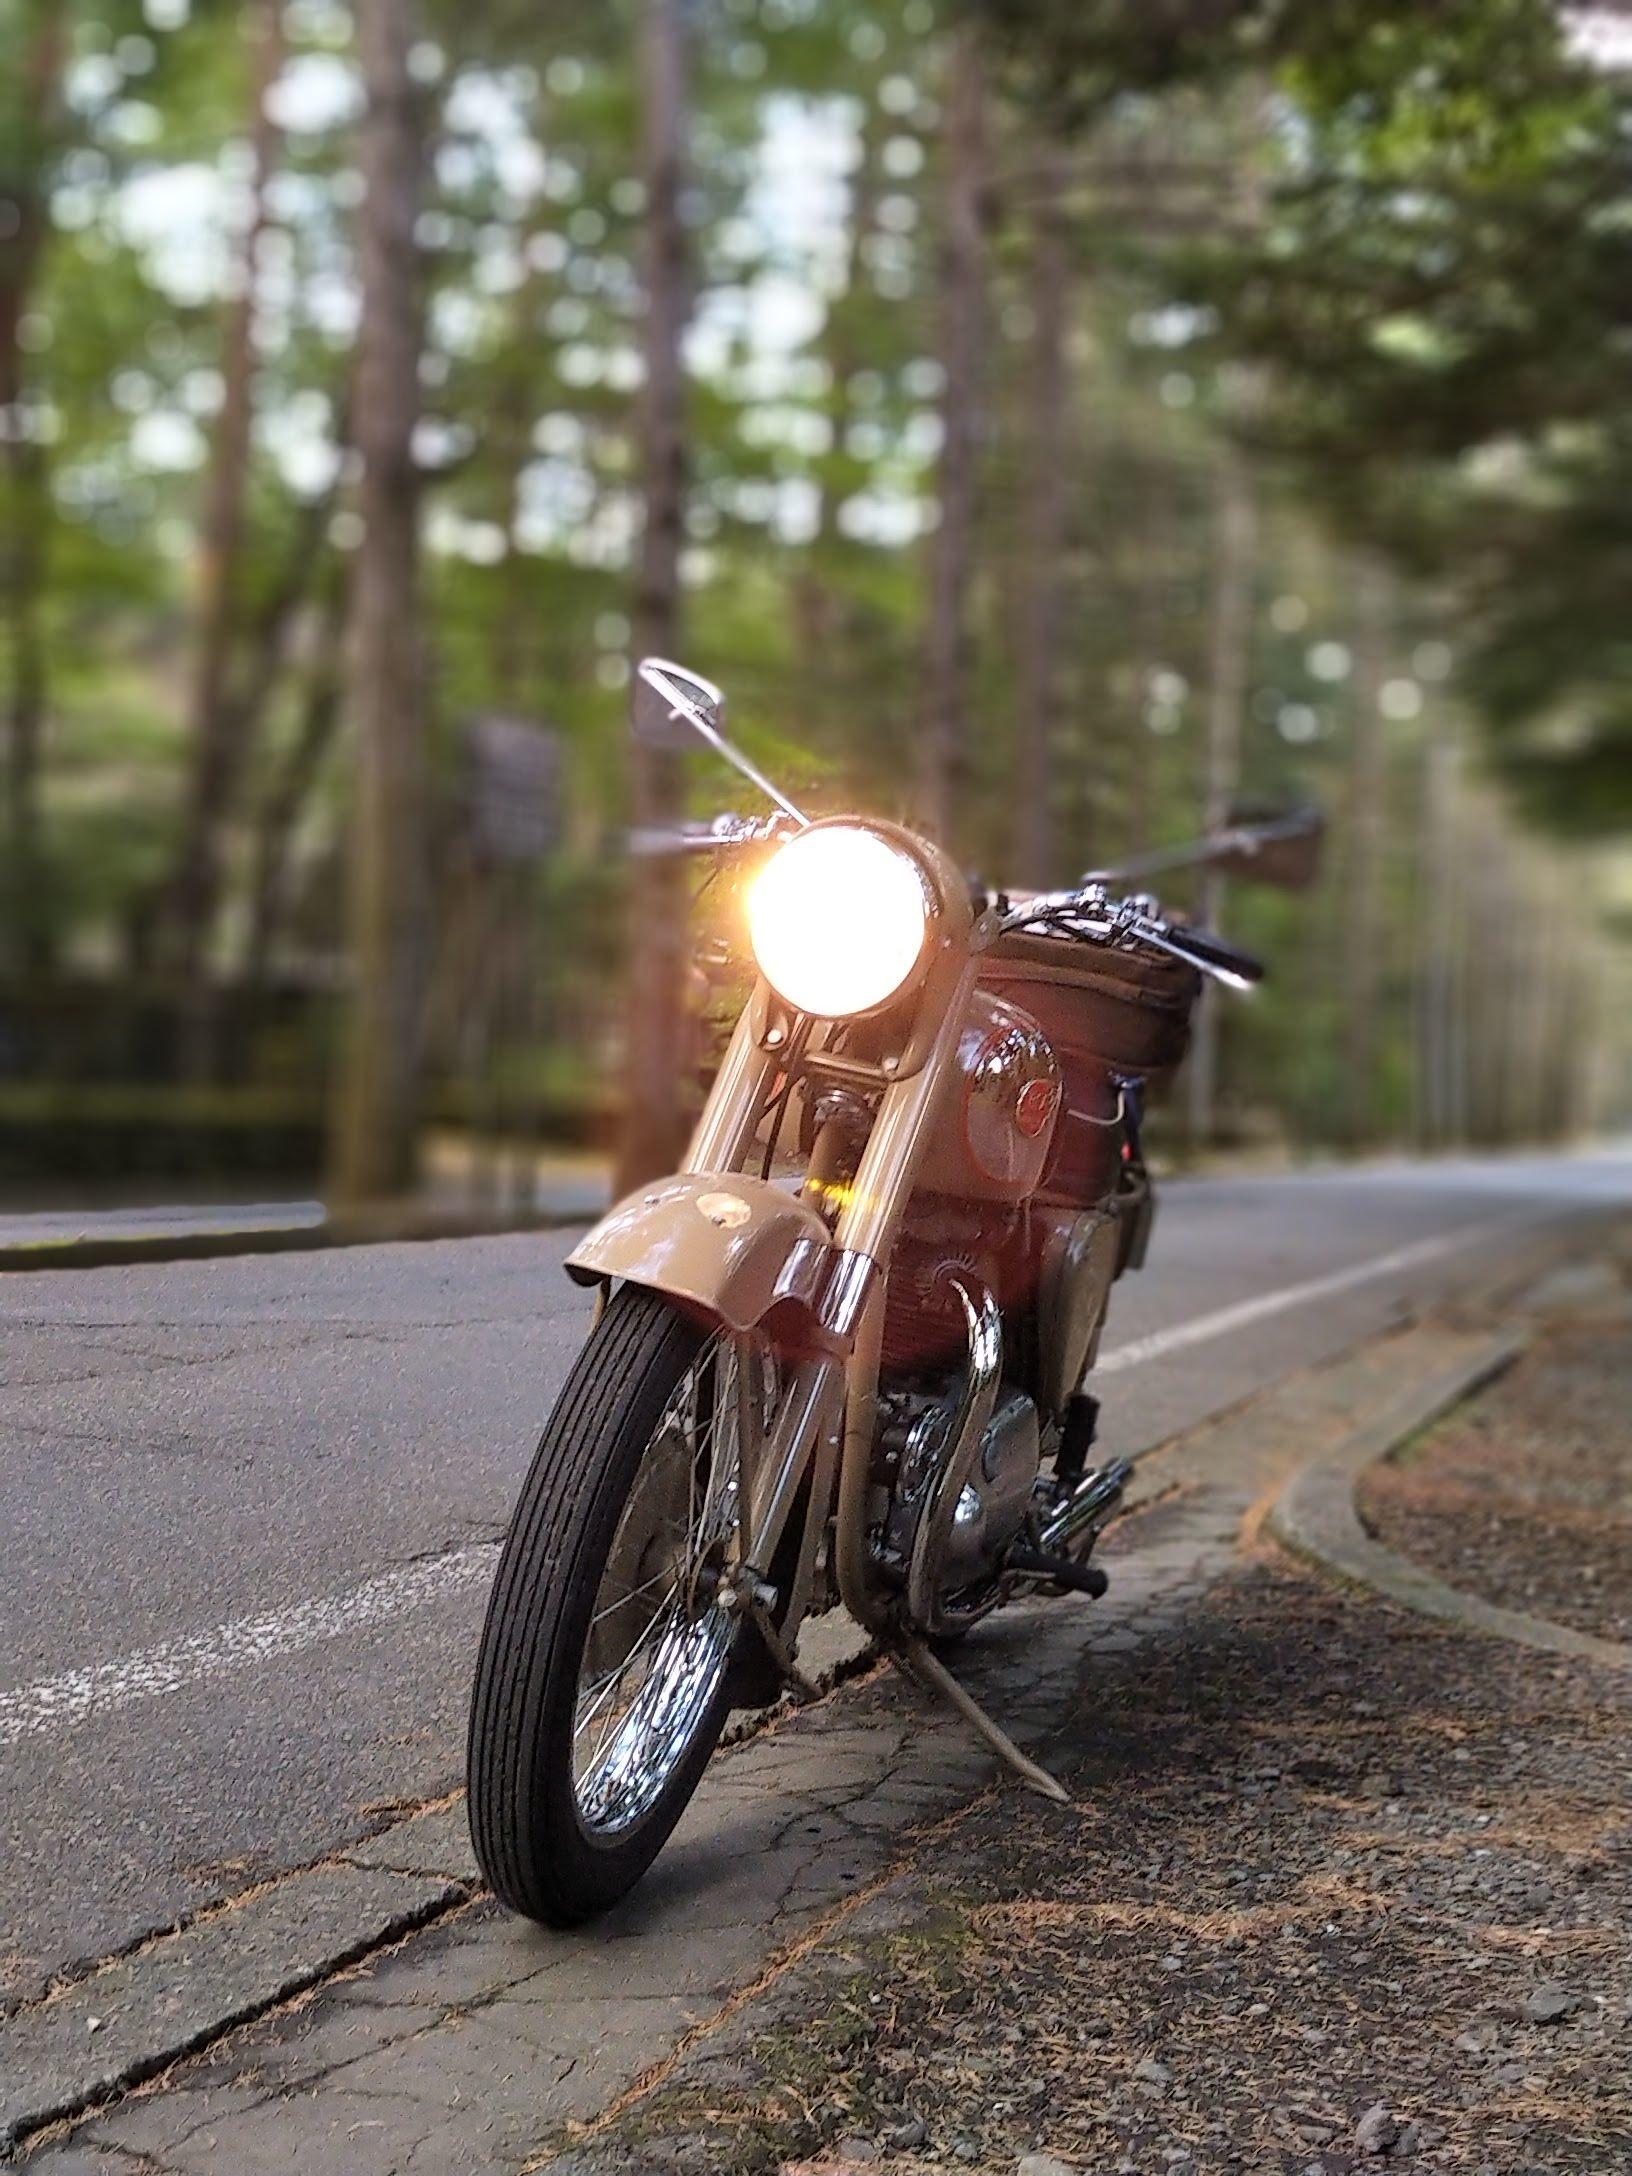 おぶそりつれづれ。オートバイまだ乗ってます?_f0200399_17154969.jpg